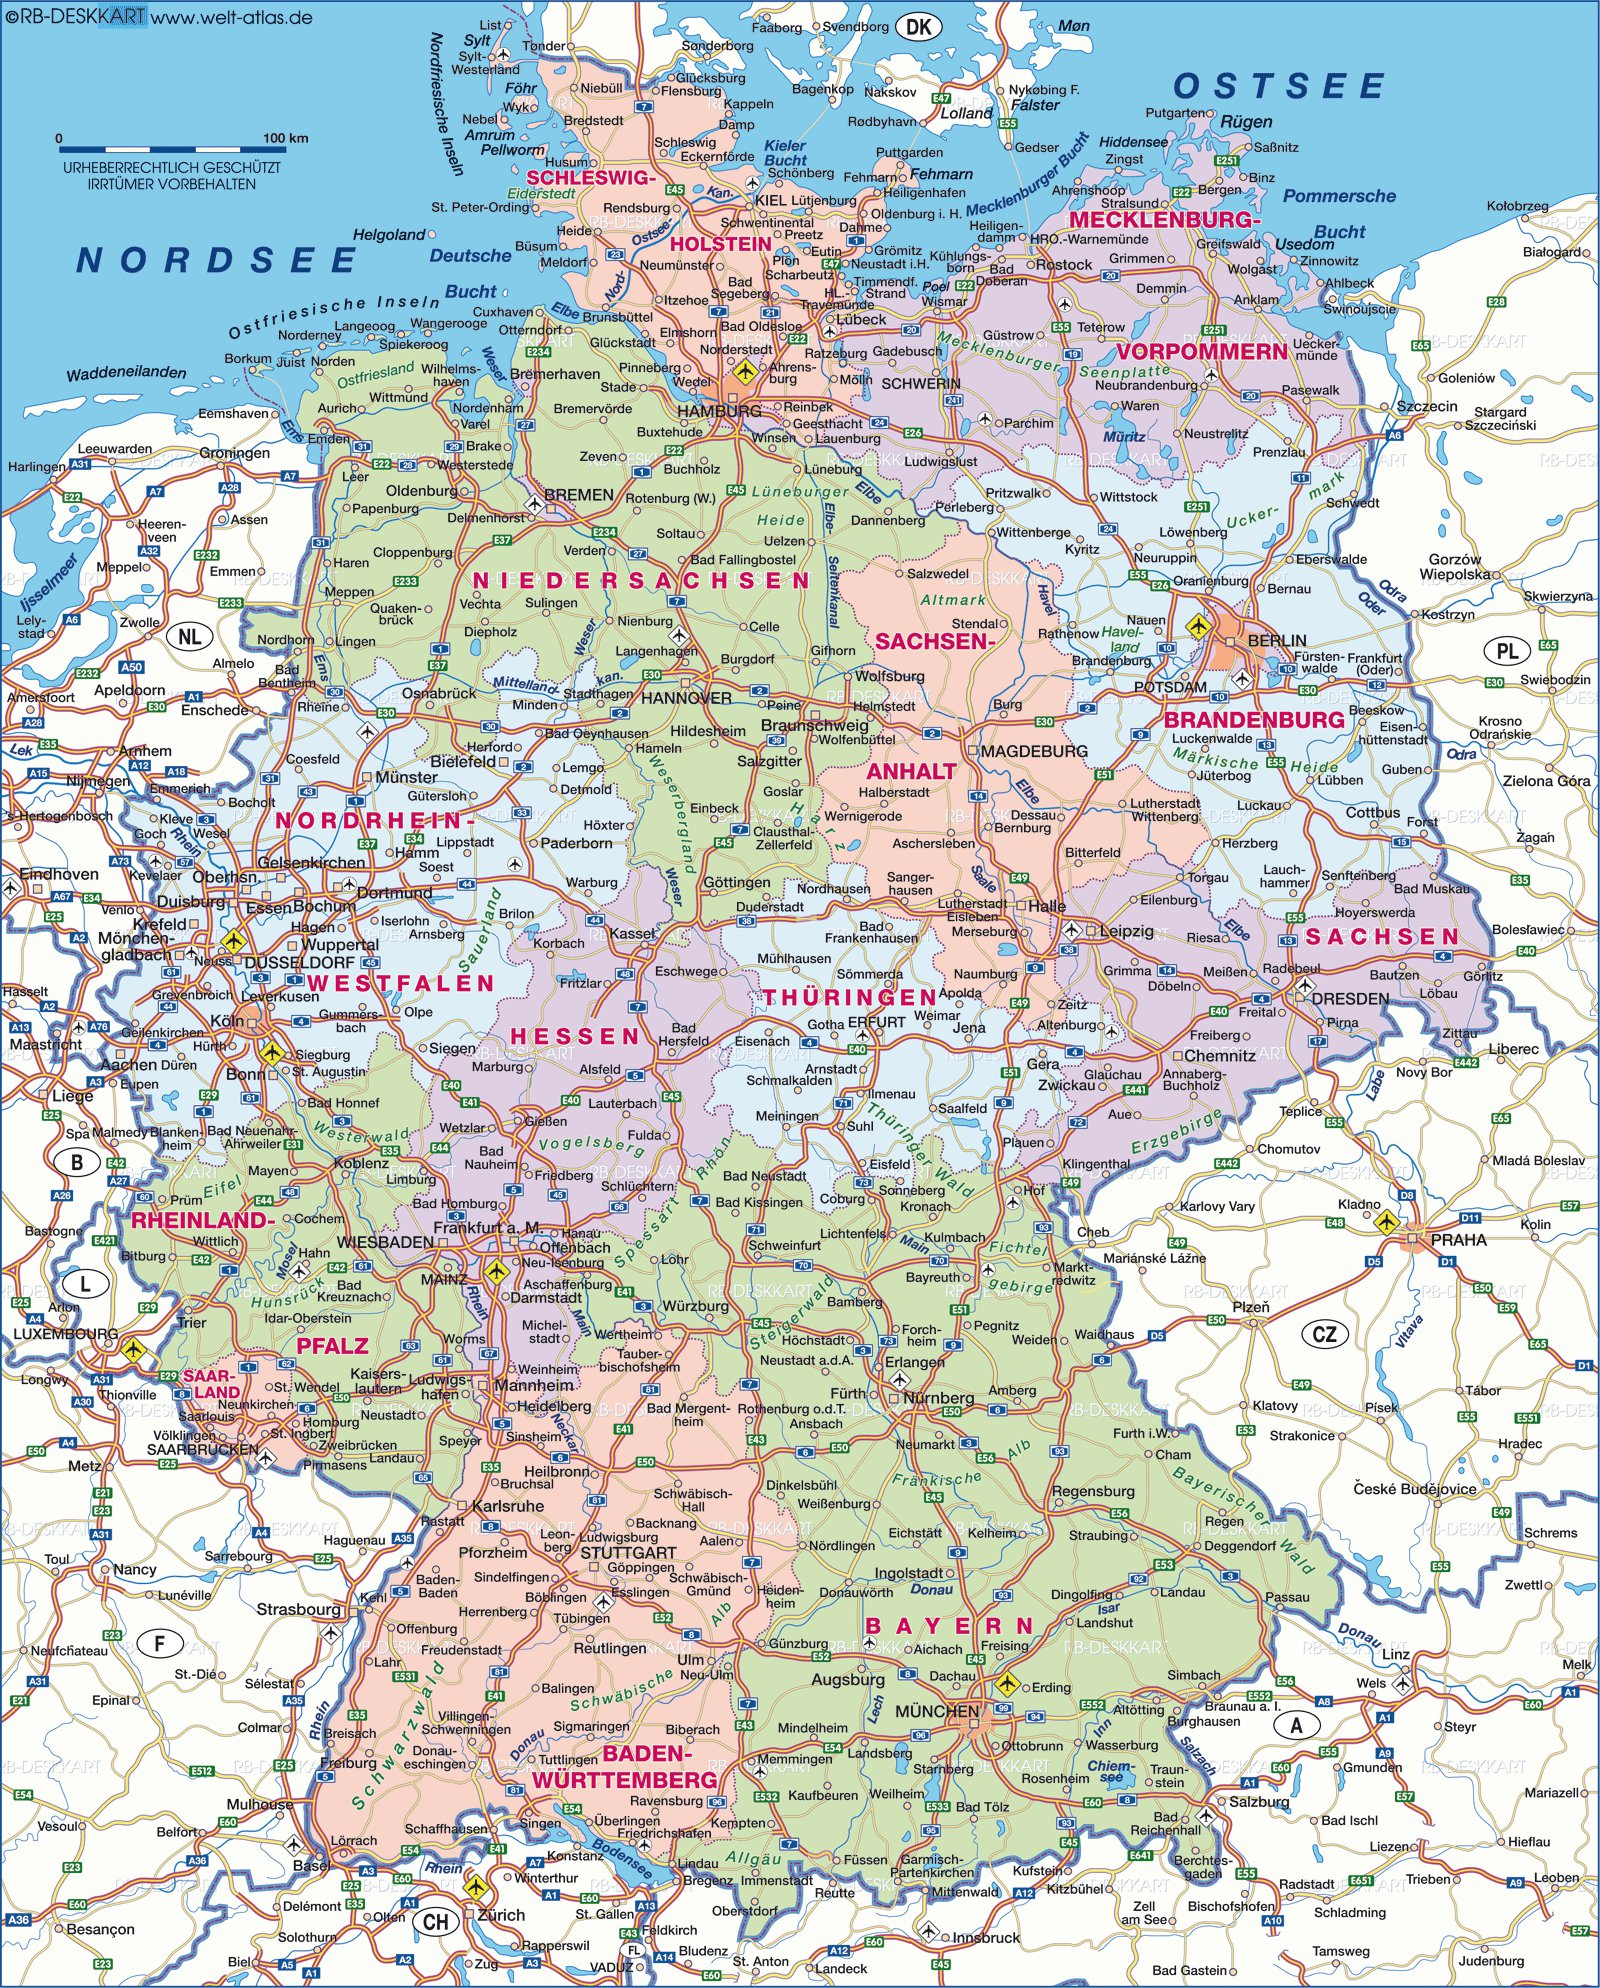 Karty Germanii Podrobnaya Karta Germanii Na Russkom Yazyke S